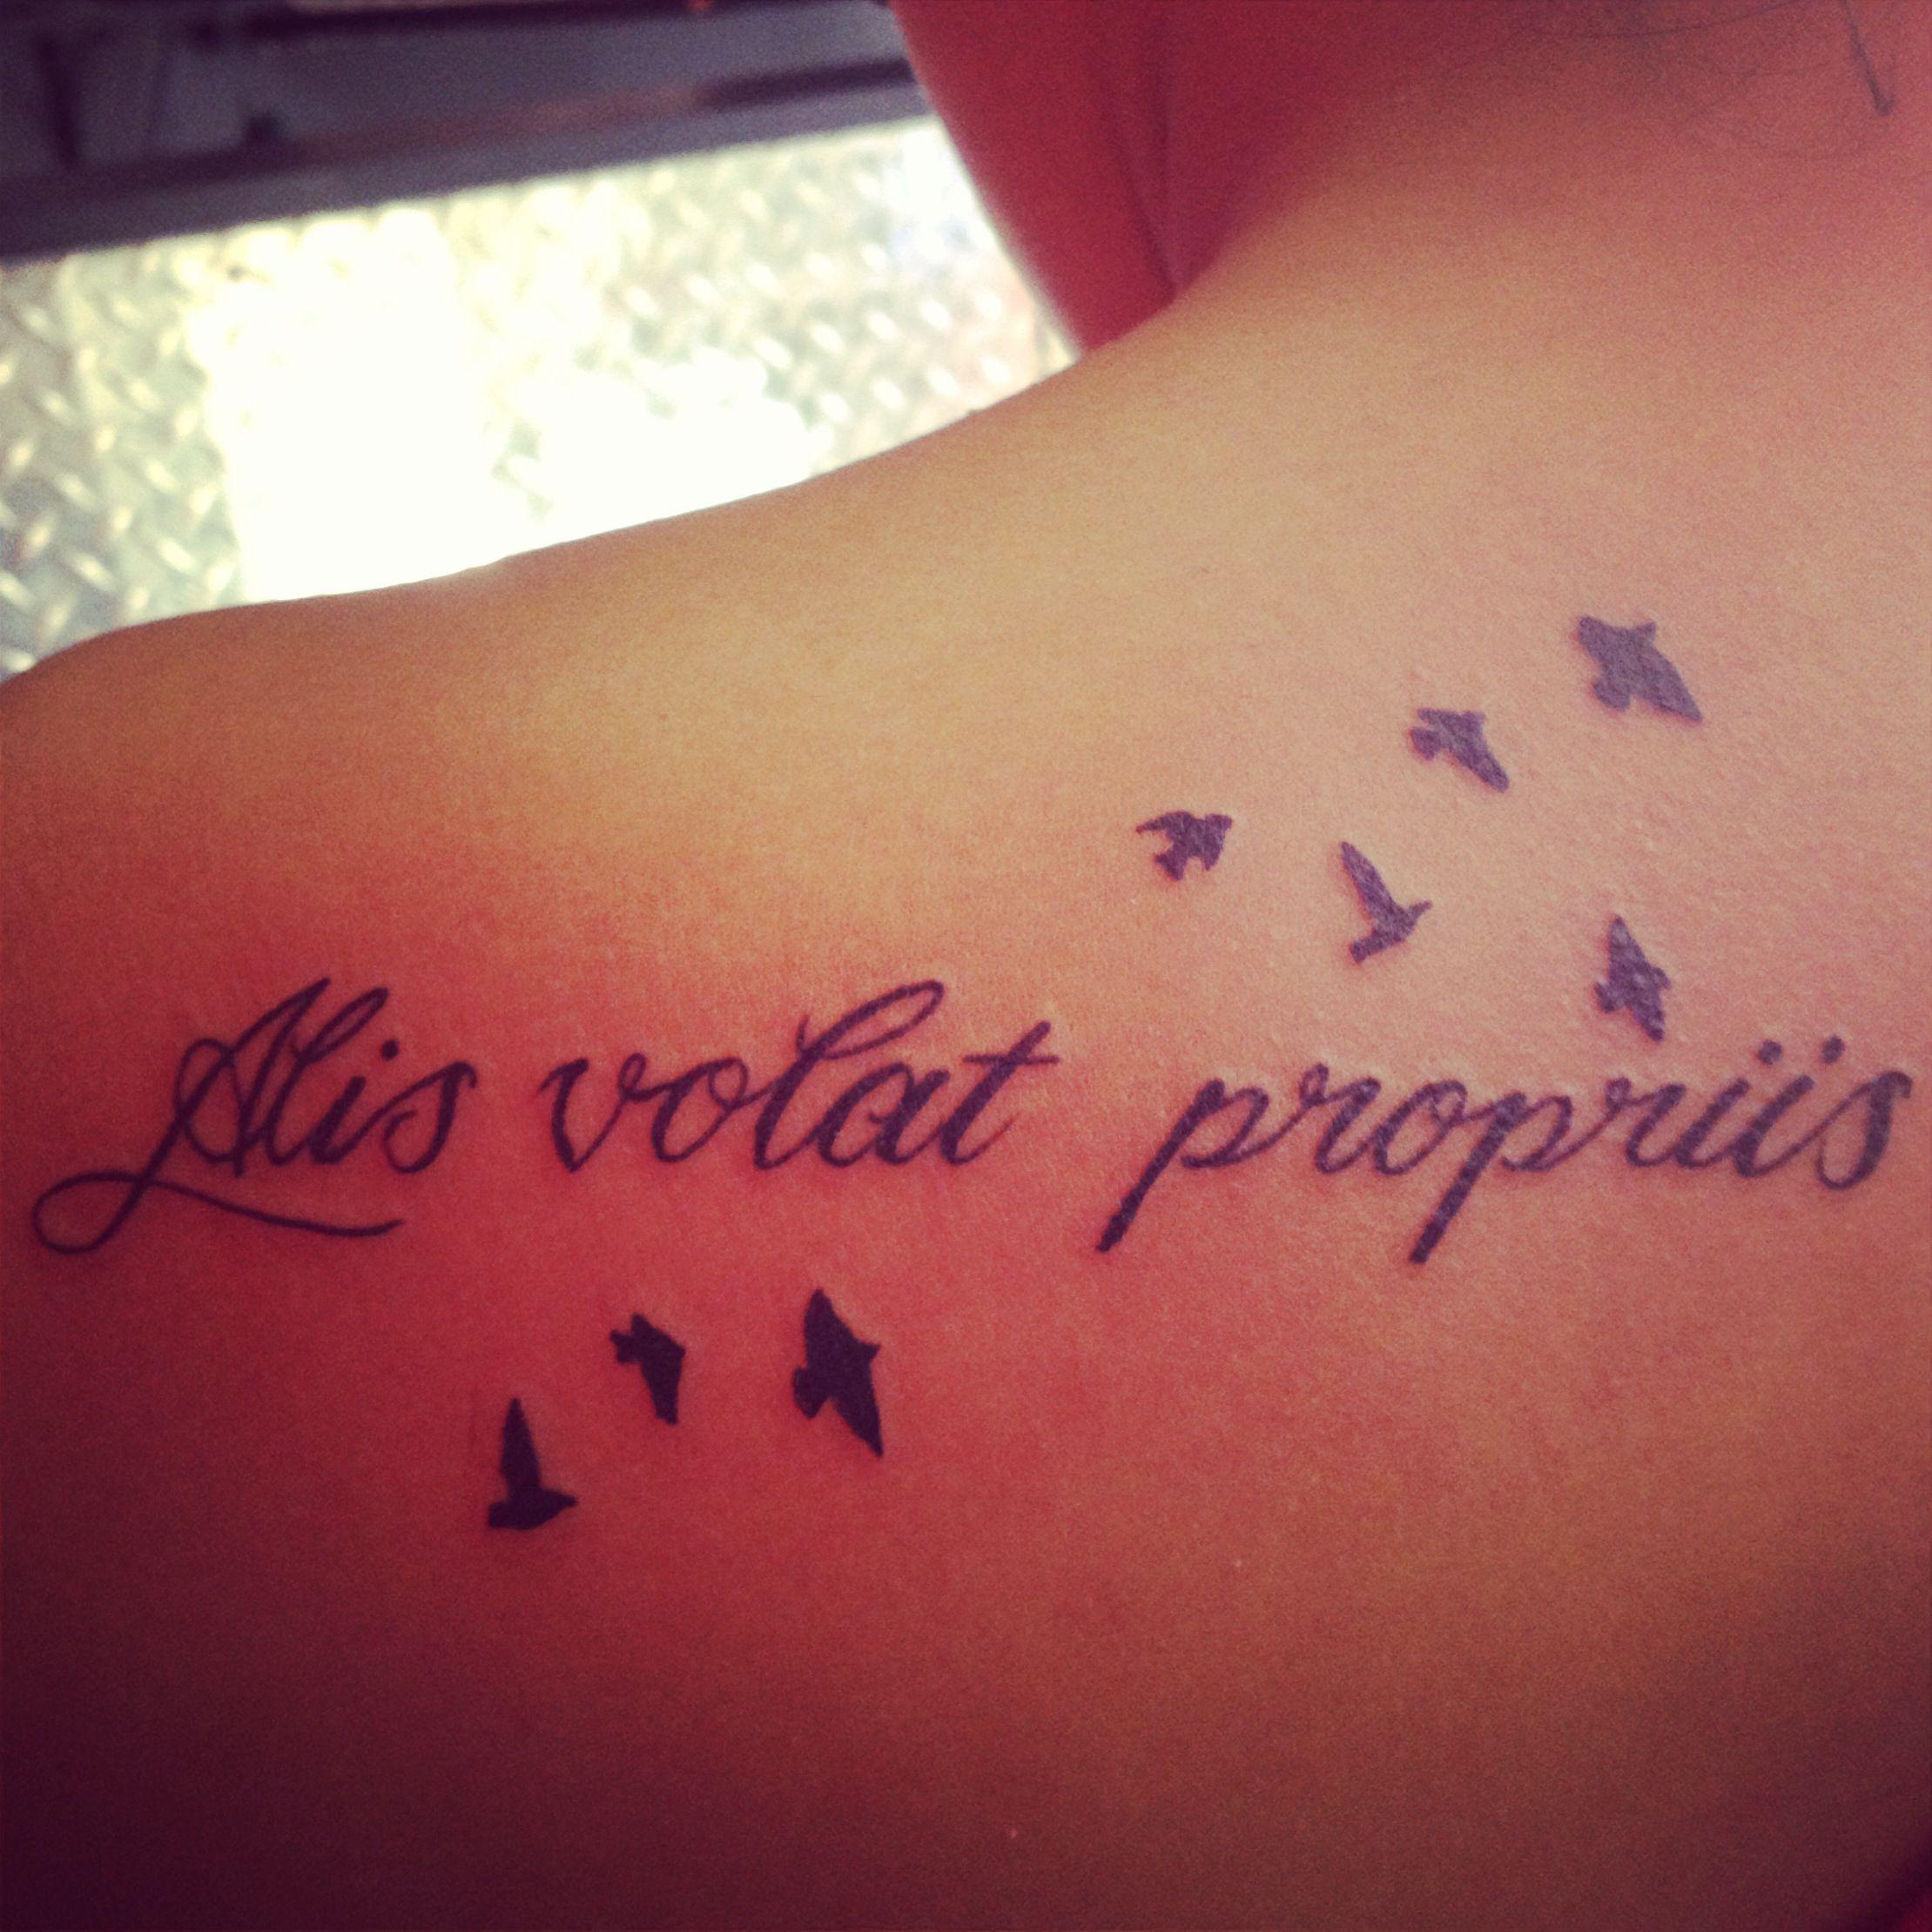 Надписи для татуировок фото и перевод